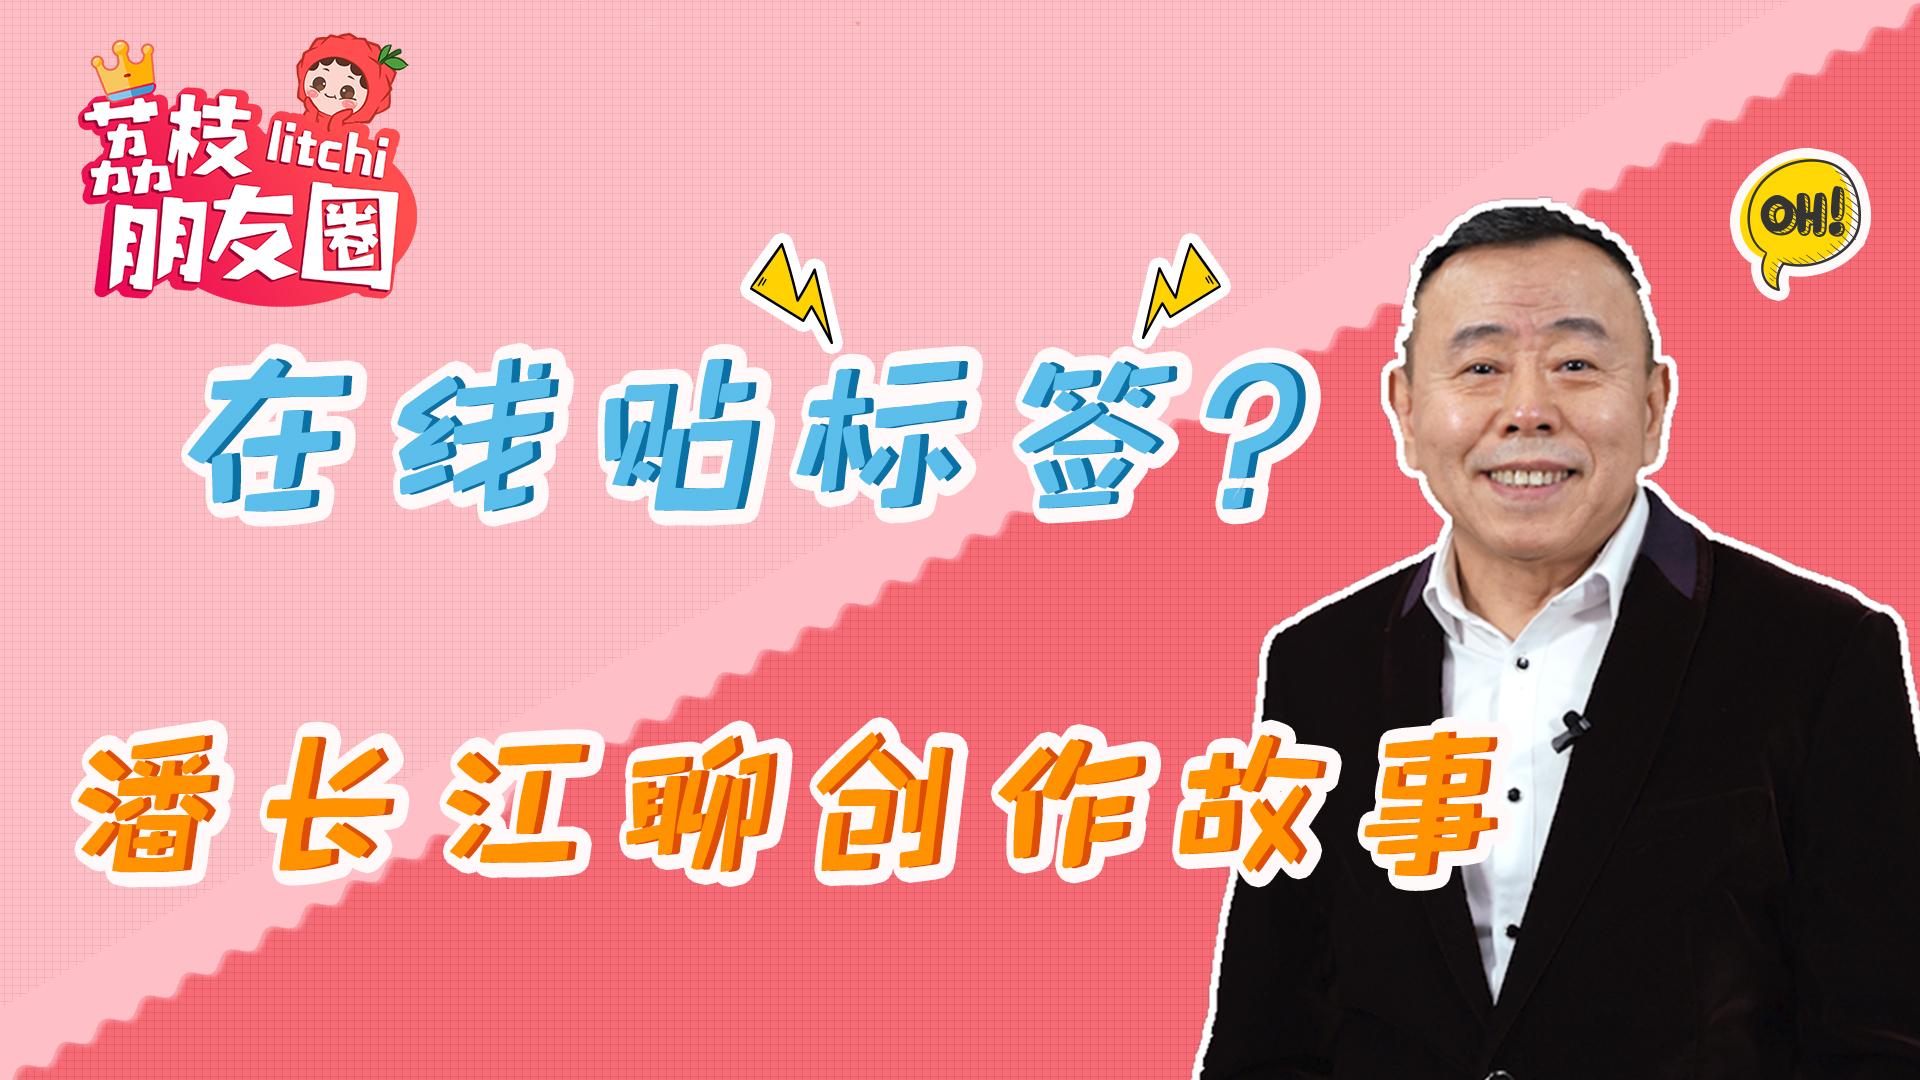 188金宝搏官网朋友圈丨在线贴标签?看喜剧演员潘长江聊创作故事